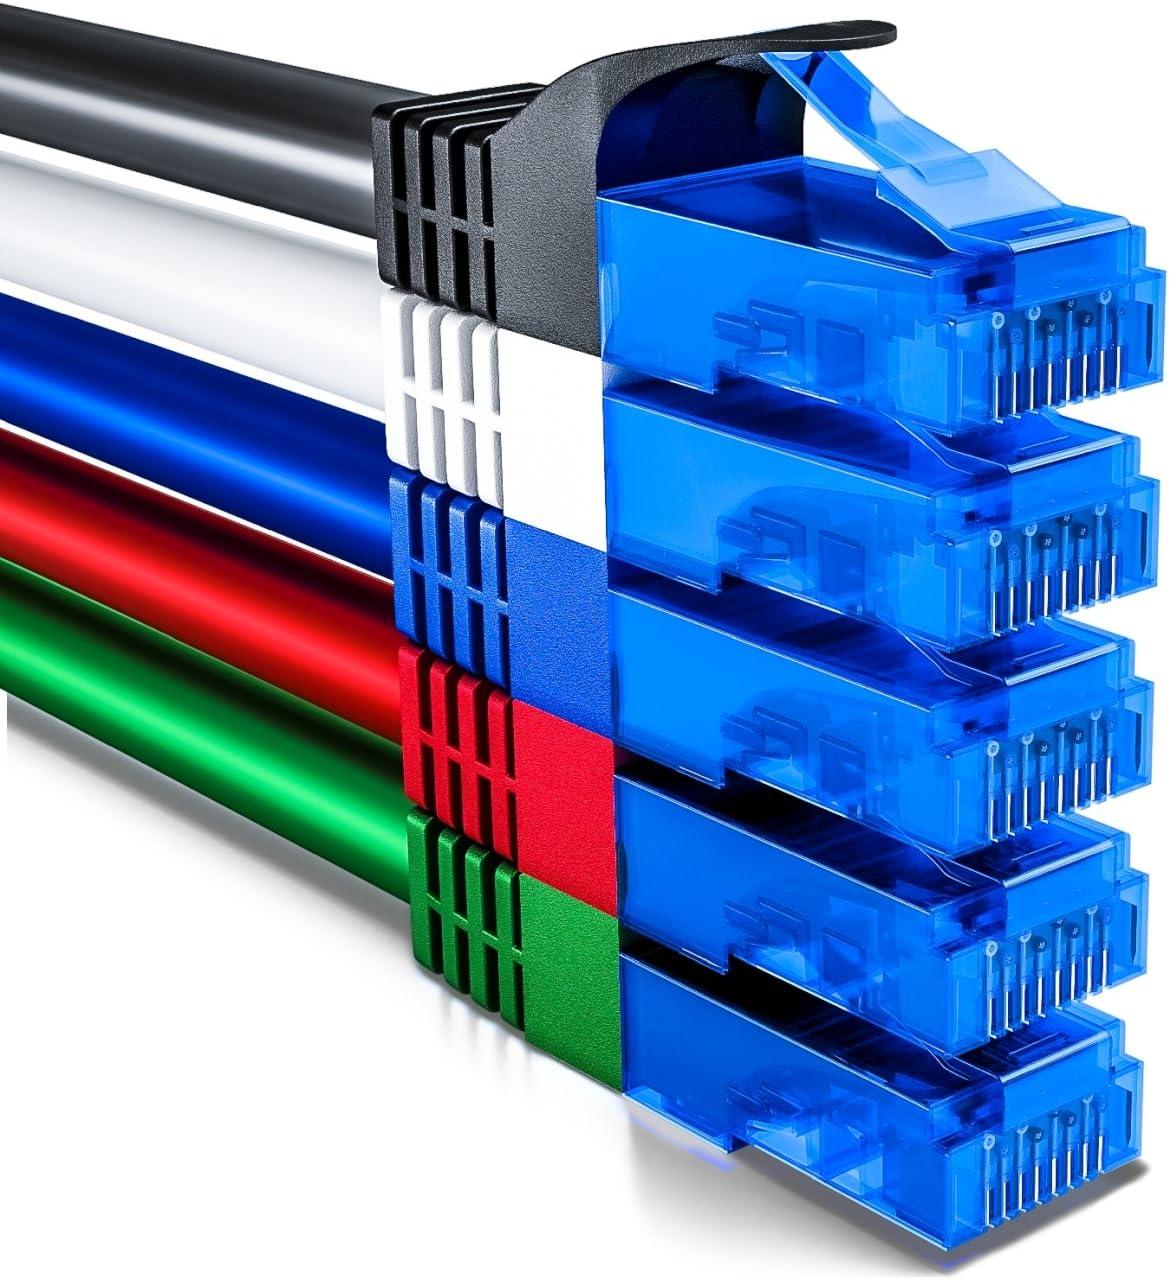 Deleycon 5x 0 5m Cat6 Netzwerkkabel Set U Utp Rj45 Cat 6 Lan Kabel Patchkabel Ethernetkabel